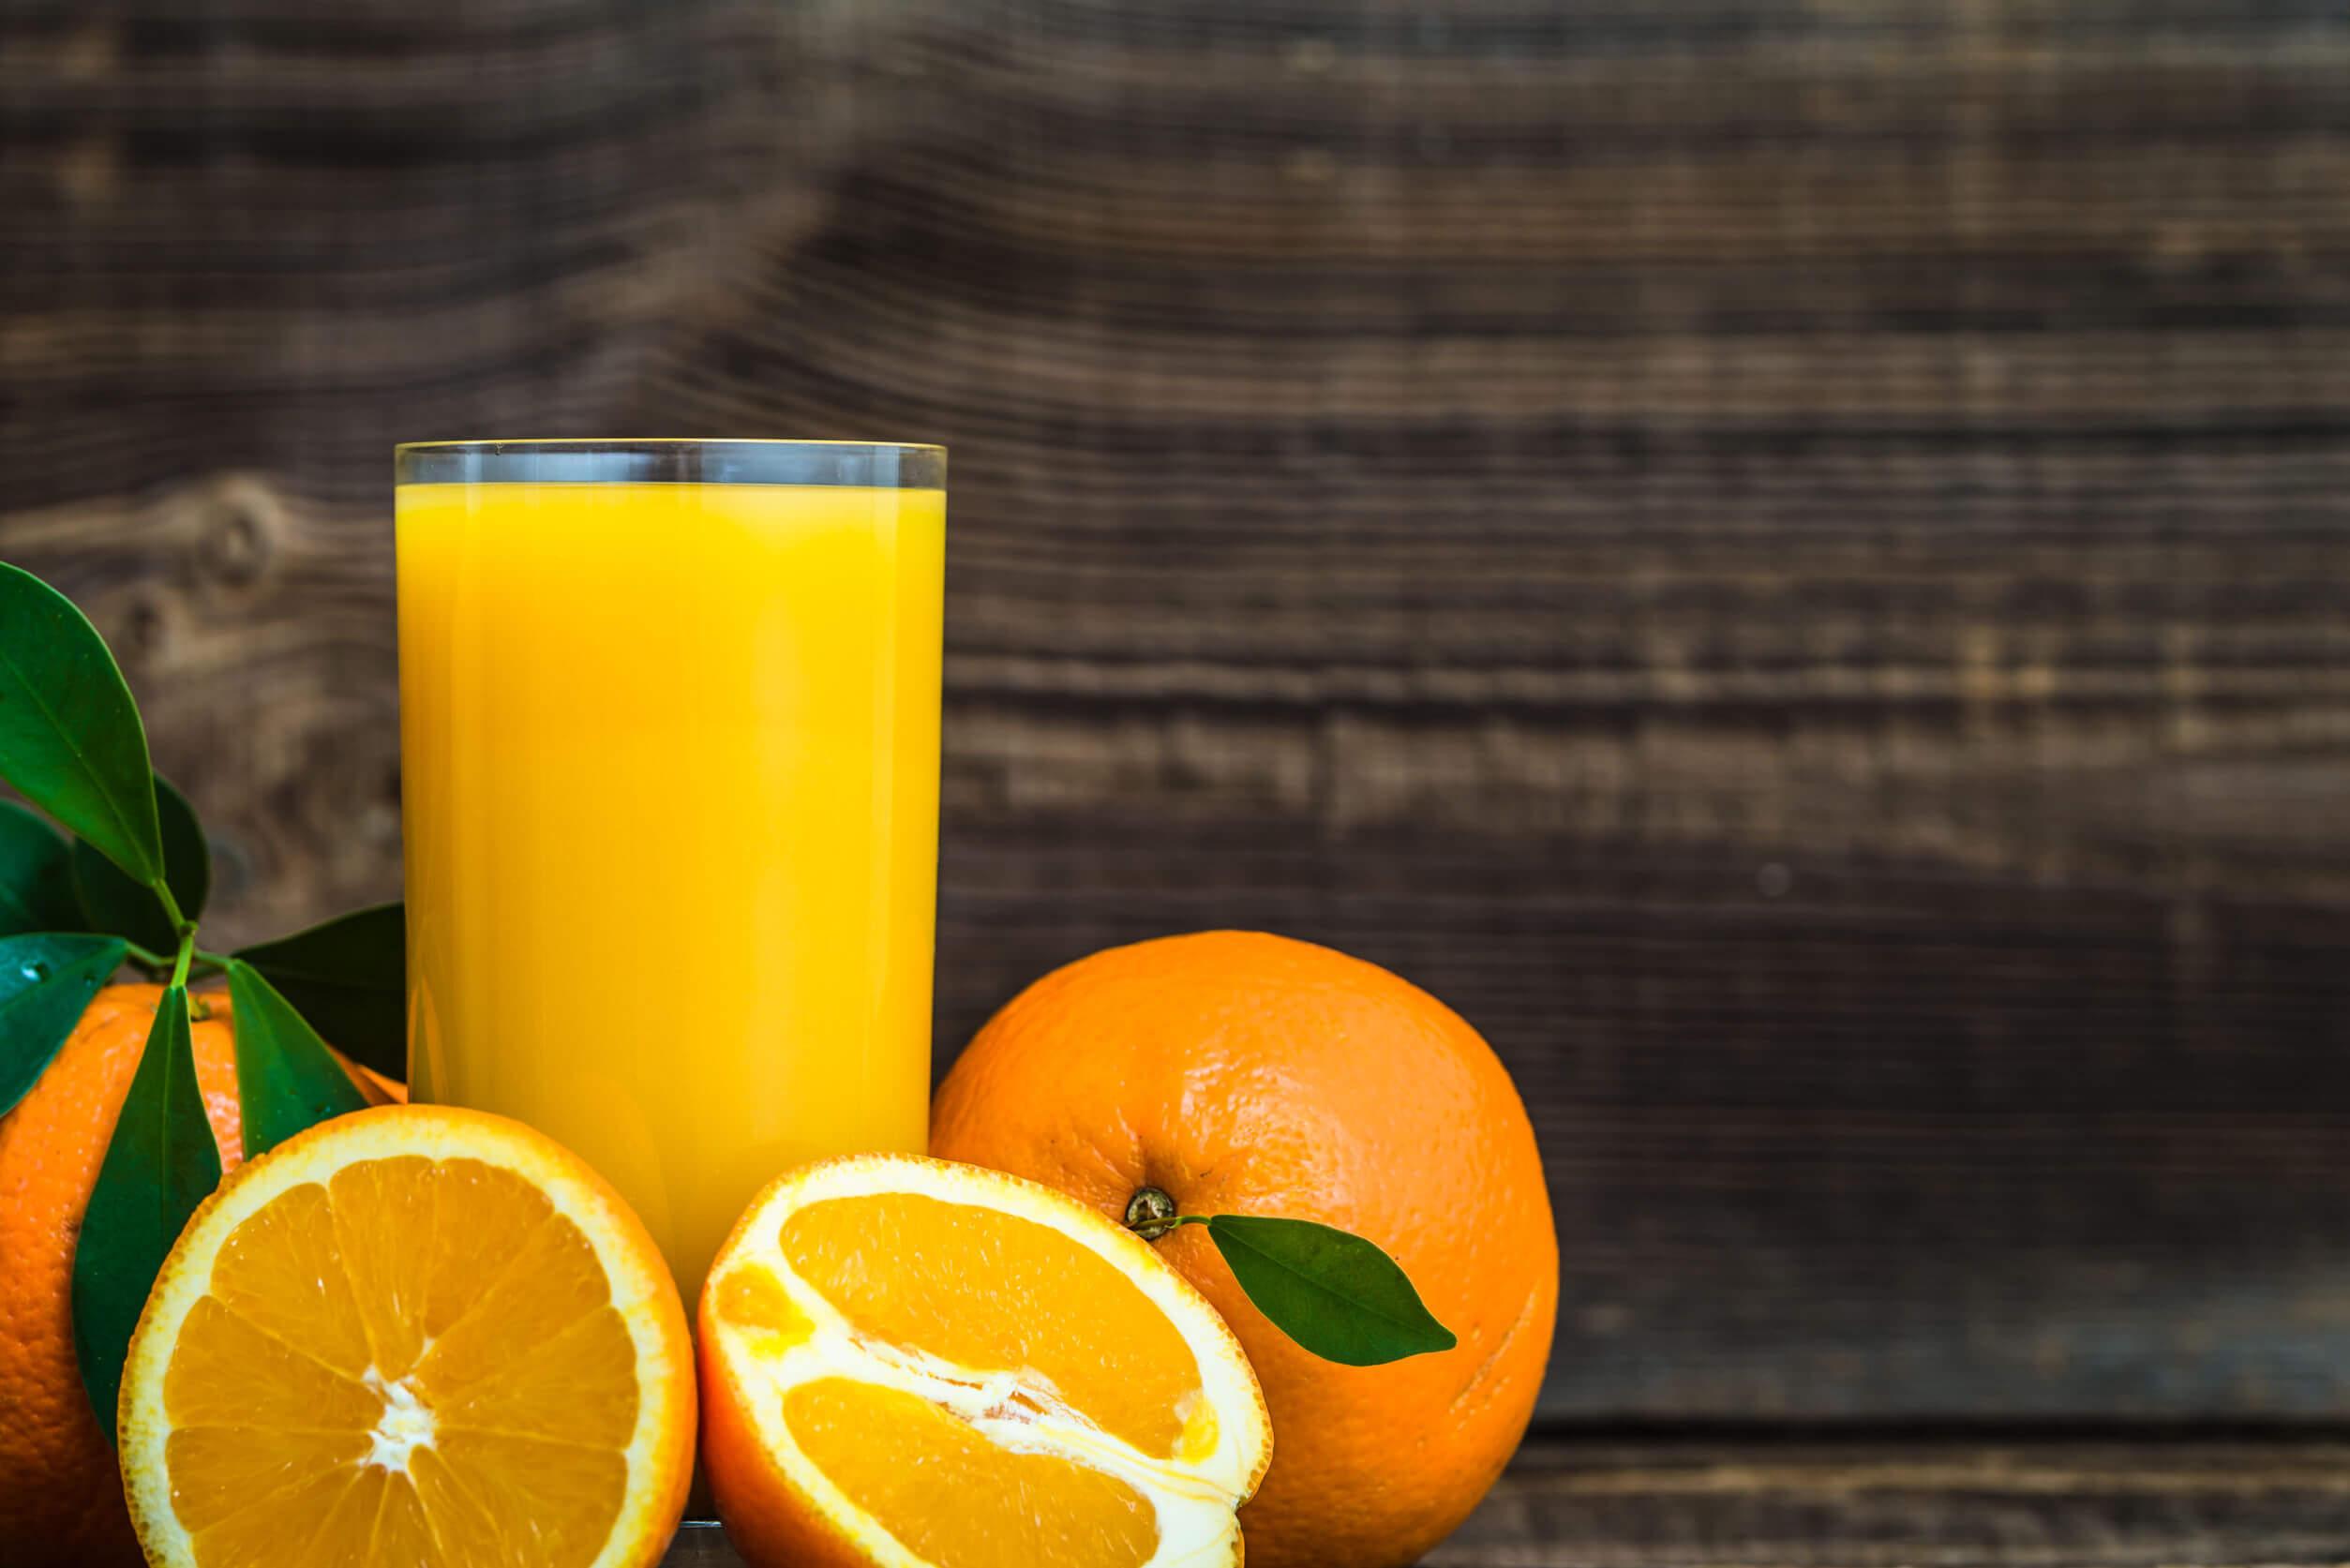 Le régime alimentaire et le système immunitaire sont très importants.